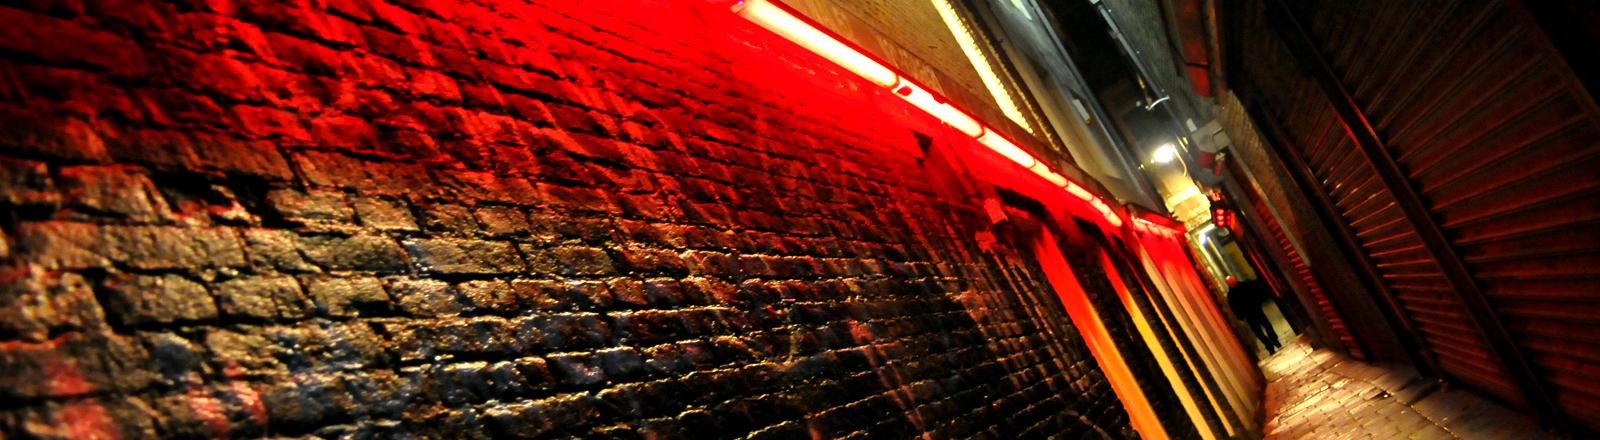 Eine kleine Seitenstraße mit rotem Licht